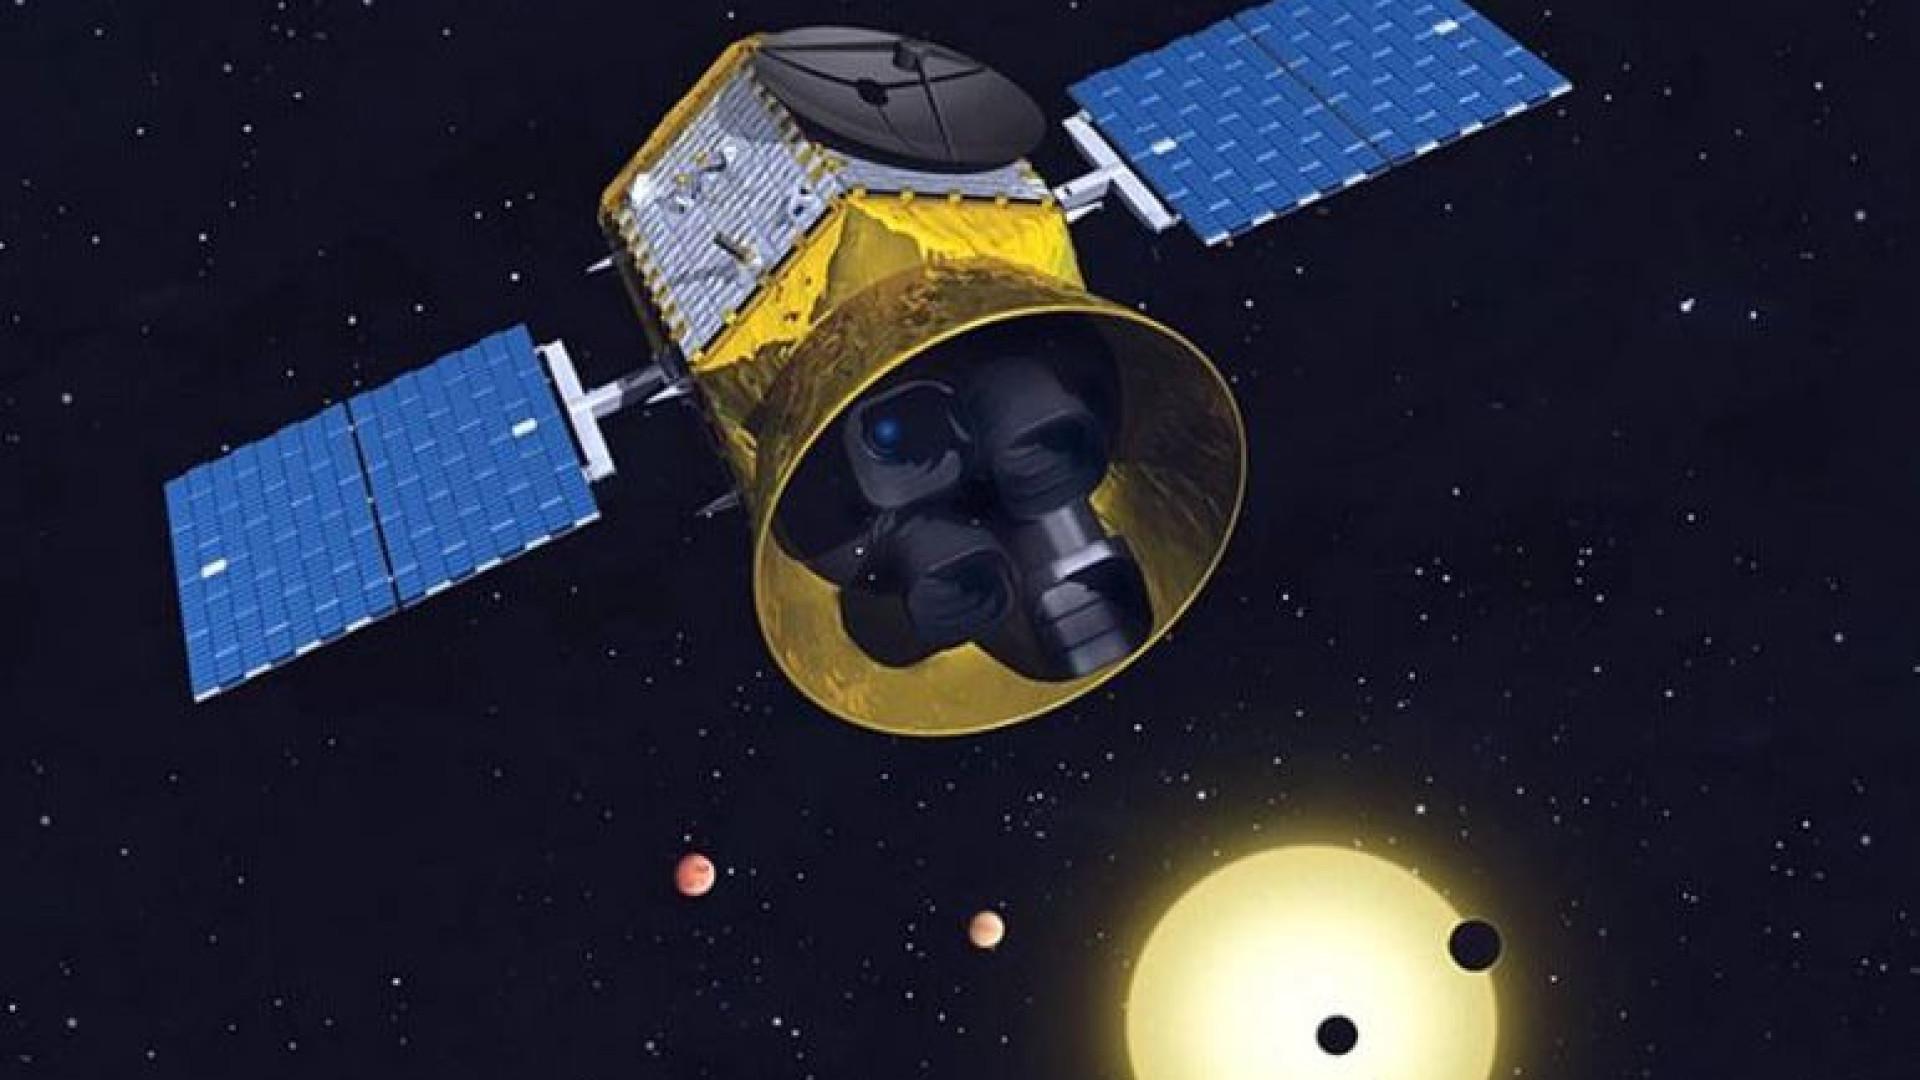 Telescópio da NASA descobre uma 'Super-Terra' e uma 'Terra muito quente'